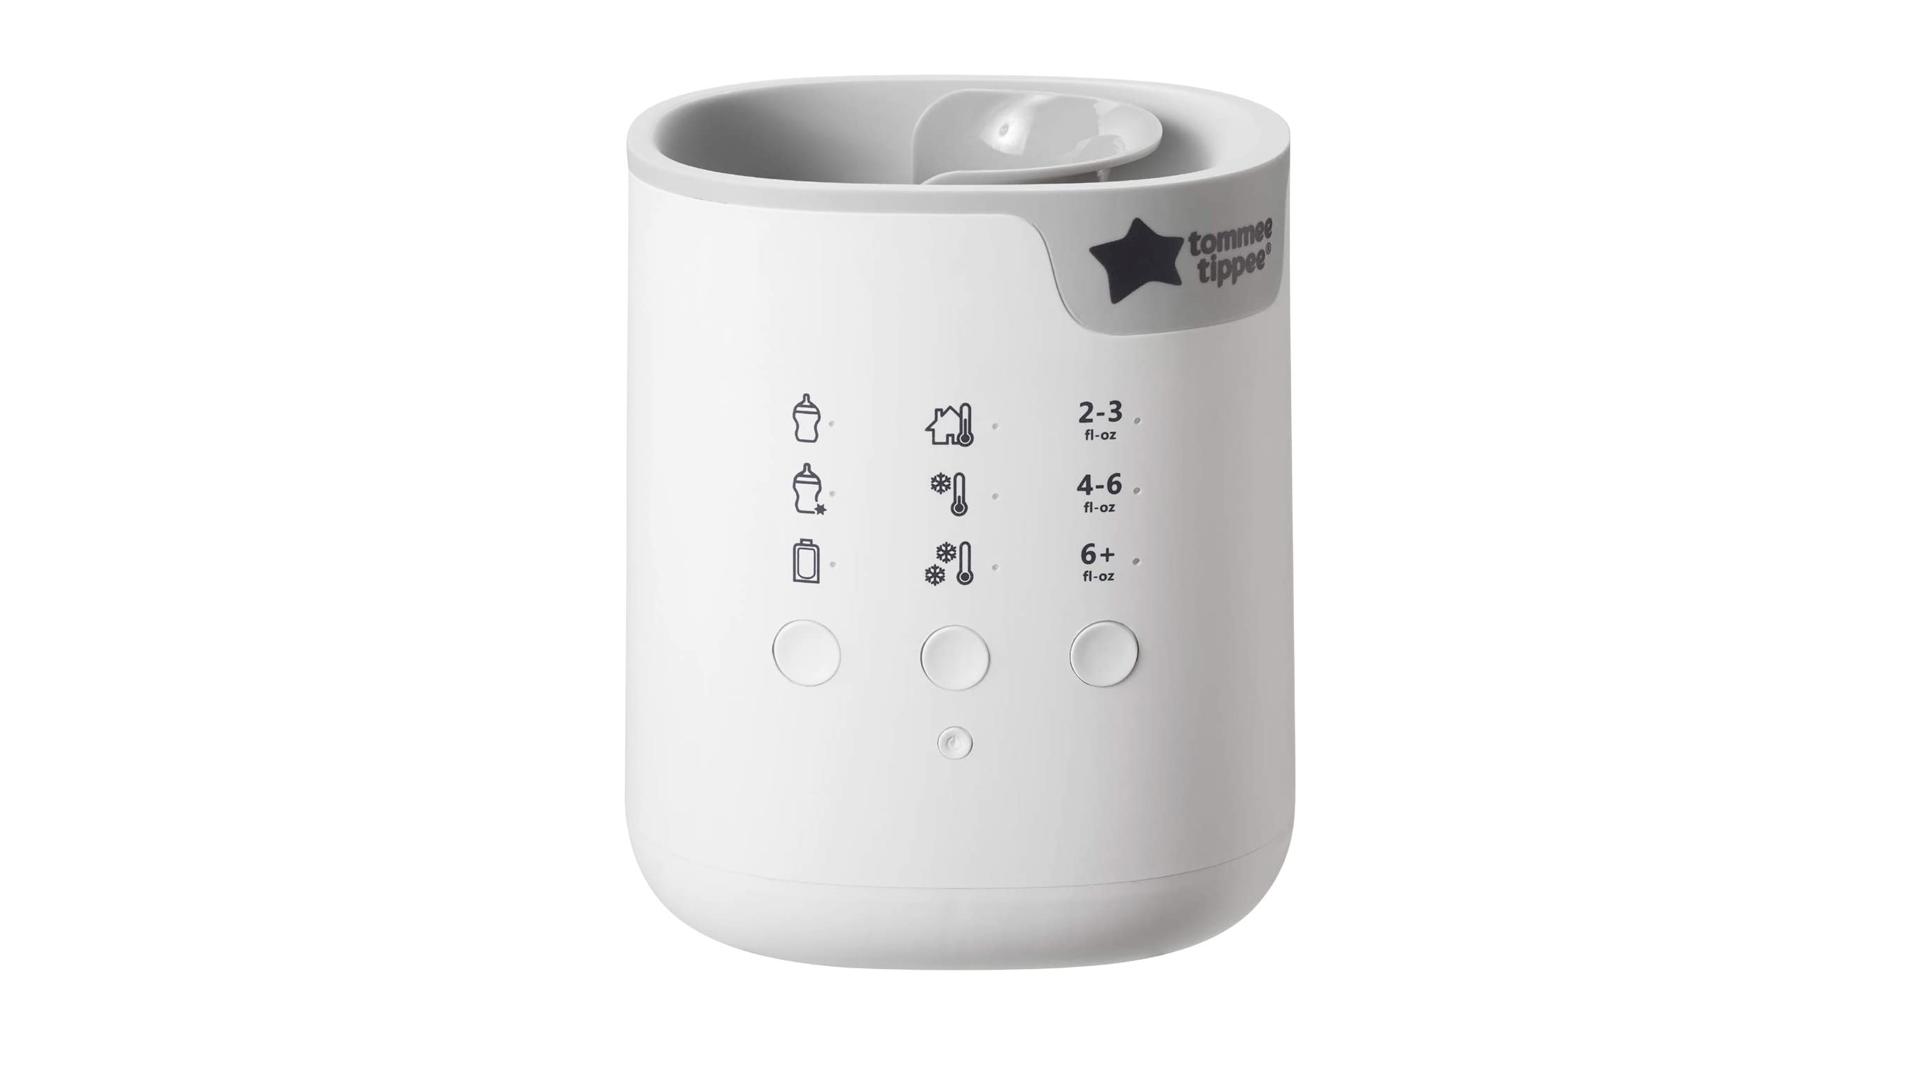 Tommee Tippee All-in-One Advanced Electric Bottle and Pouch Food Warmer (réchauffeur électrique de biberon et de poche)